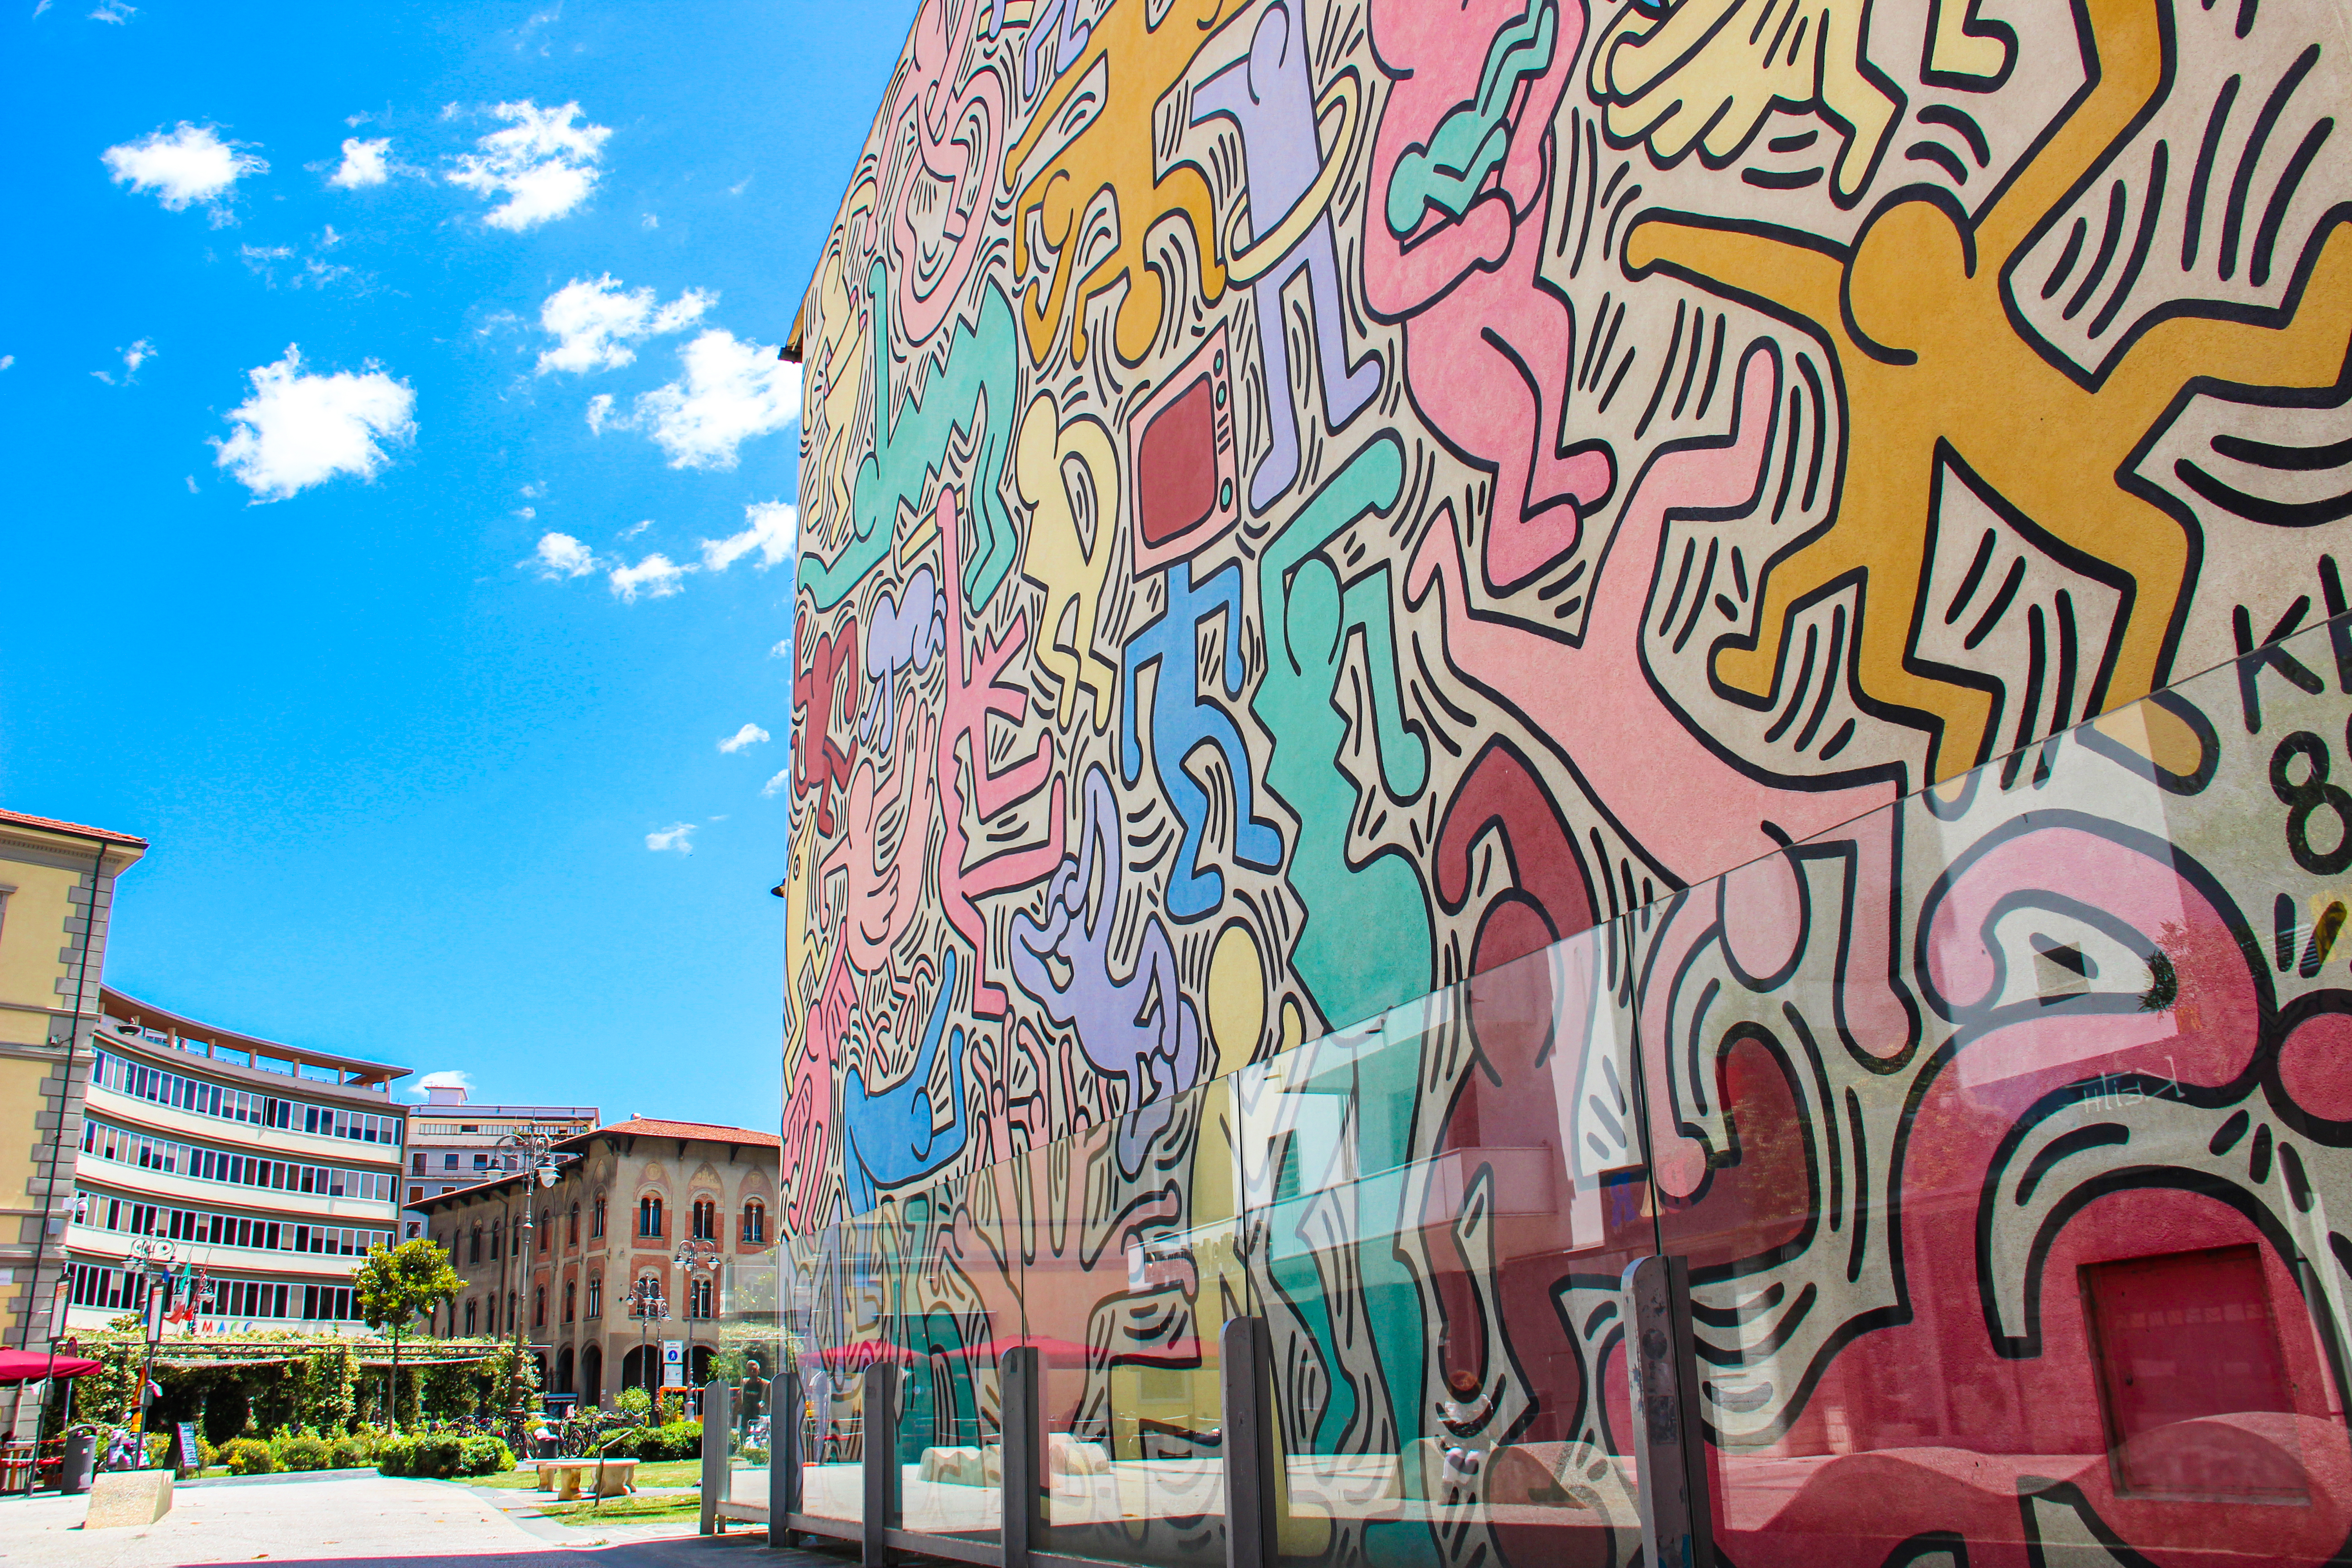 Particolari murale Tuttomondo, Keith Haring (G. Bettini, Comune di PIsa)